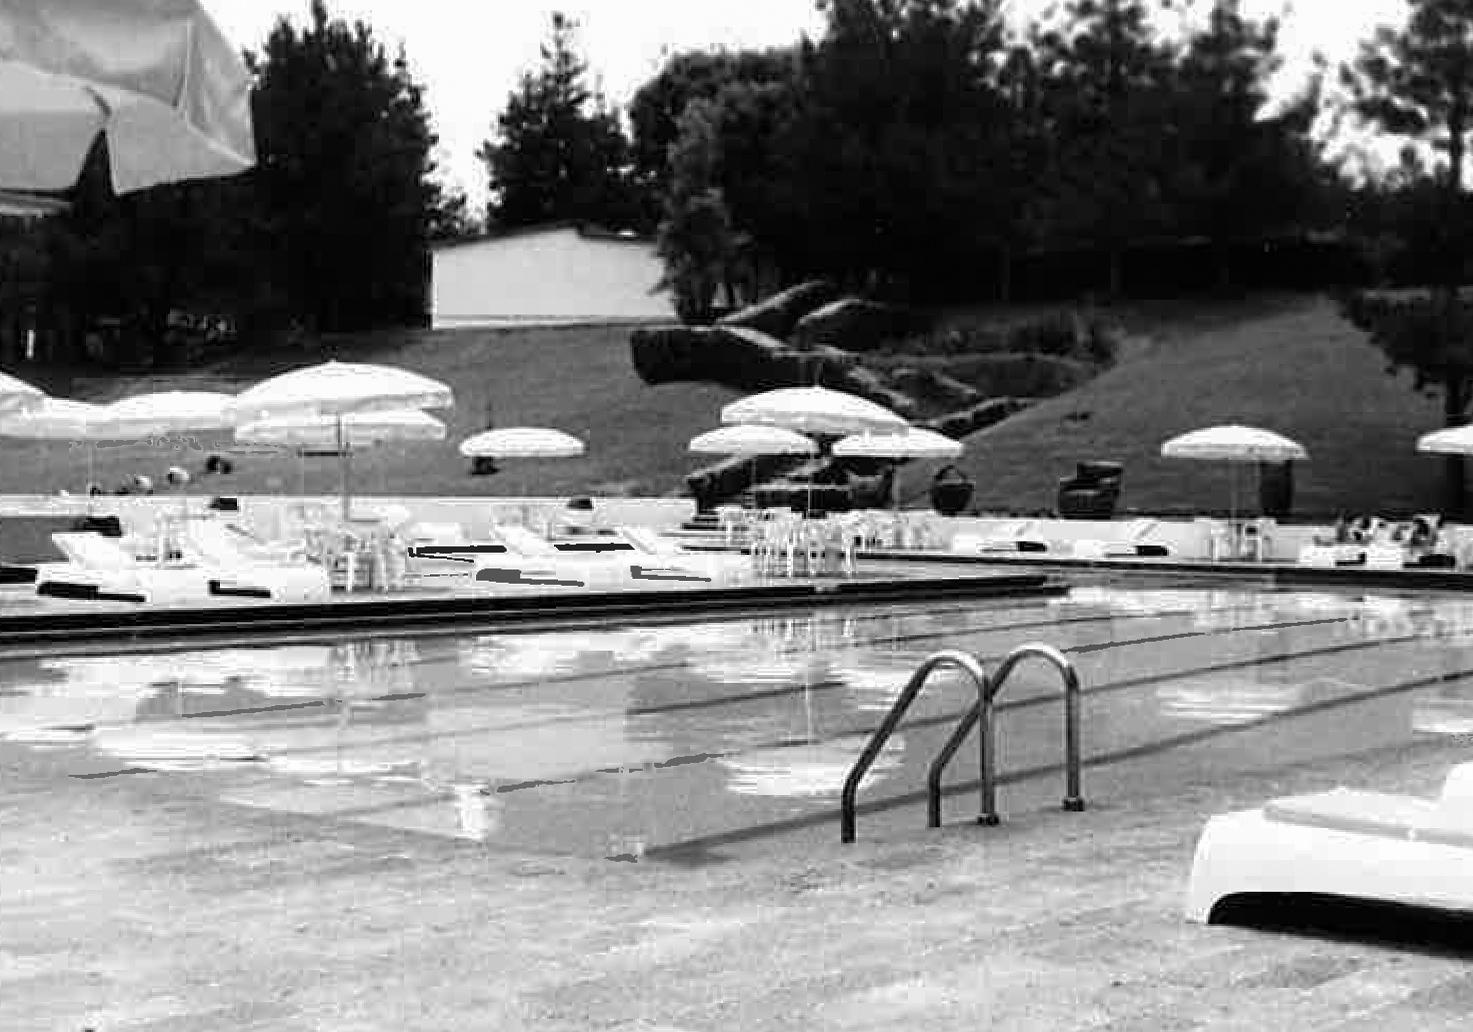 Foto en blanco y negro con las piscinas exteriores y árboles al fondo